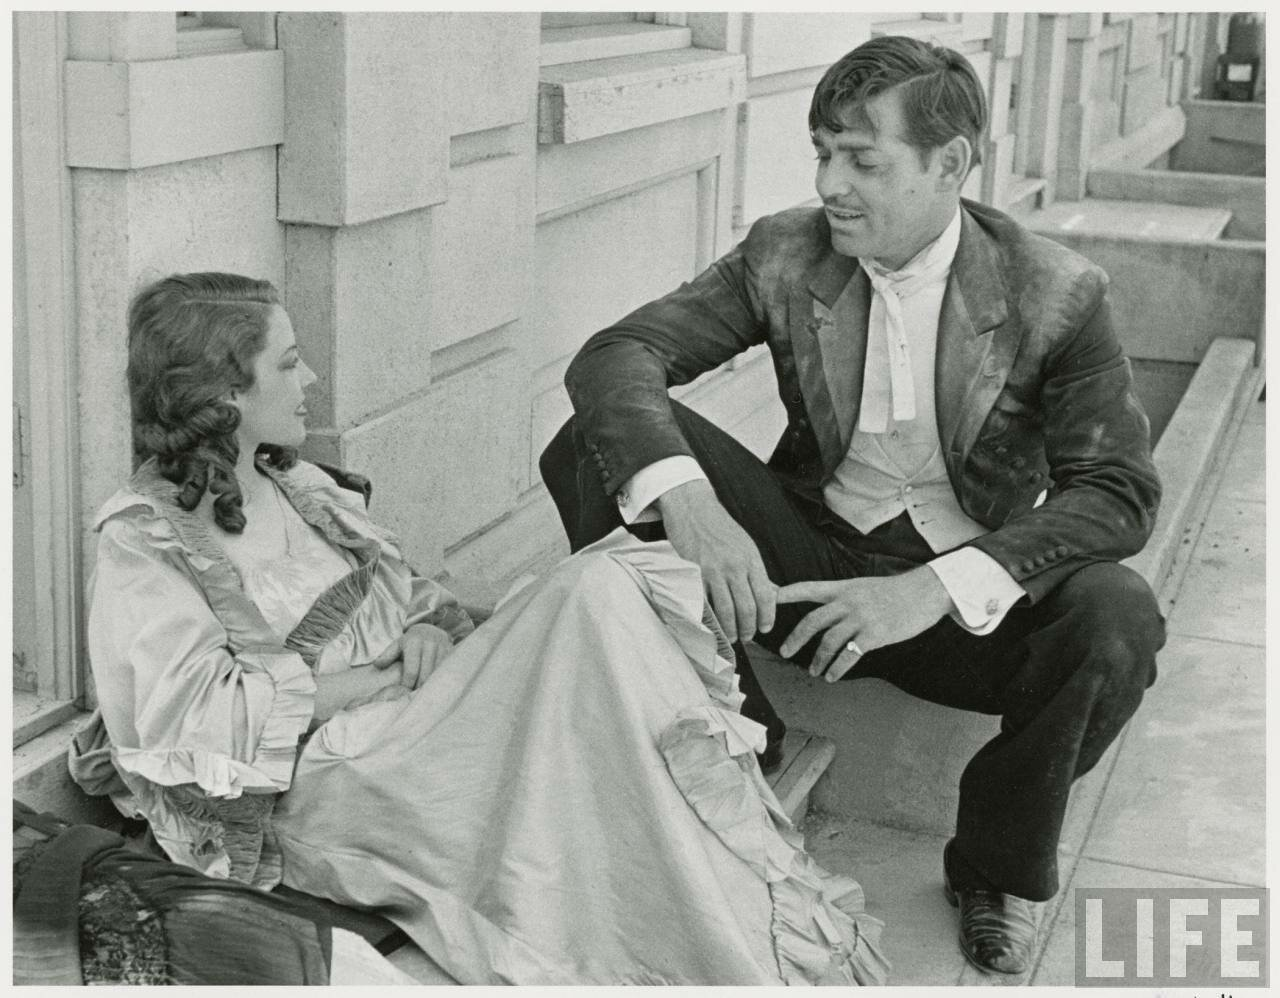 1936. Актер Кларк Гейбл с актрисой Жанетт Макдональд во время съемок фильма «Сан-Франциско»